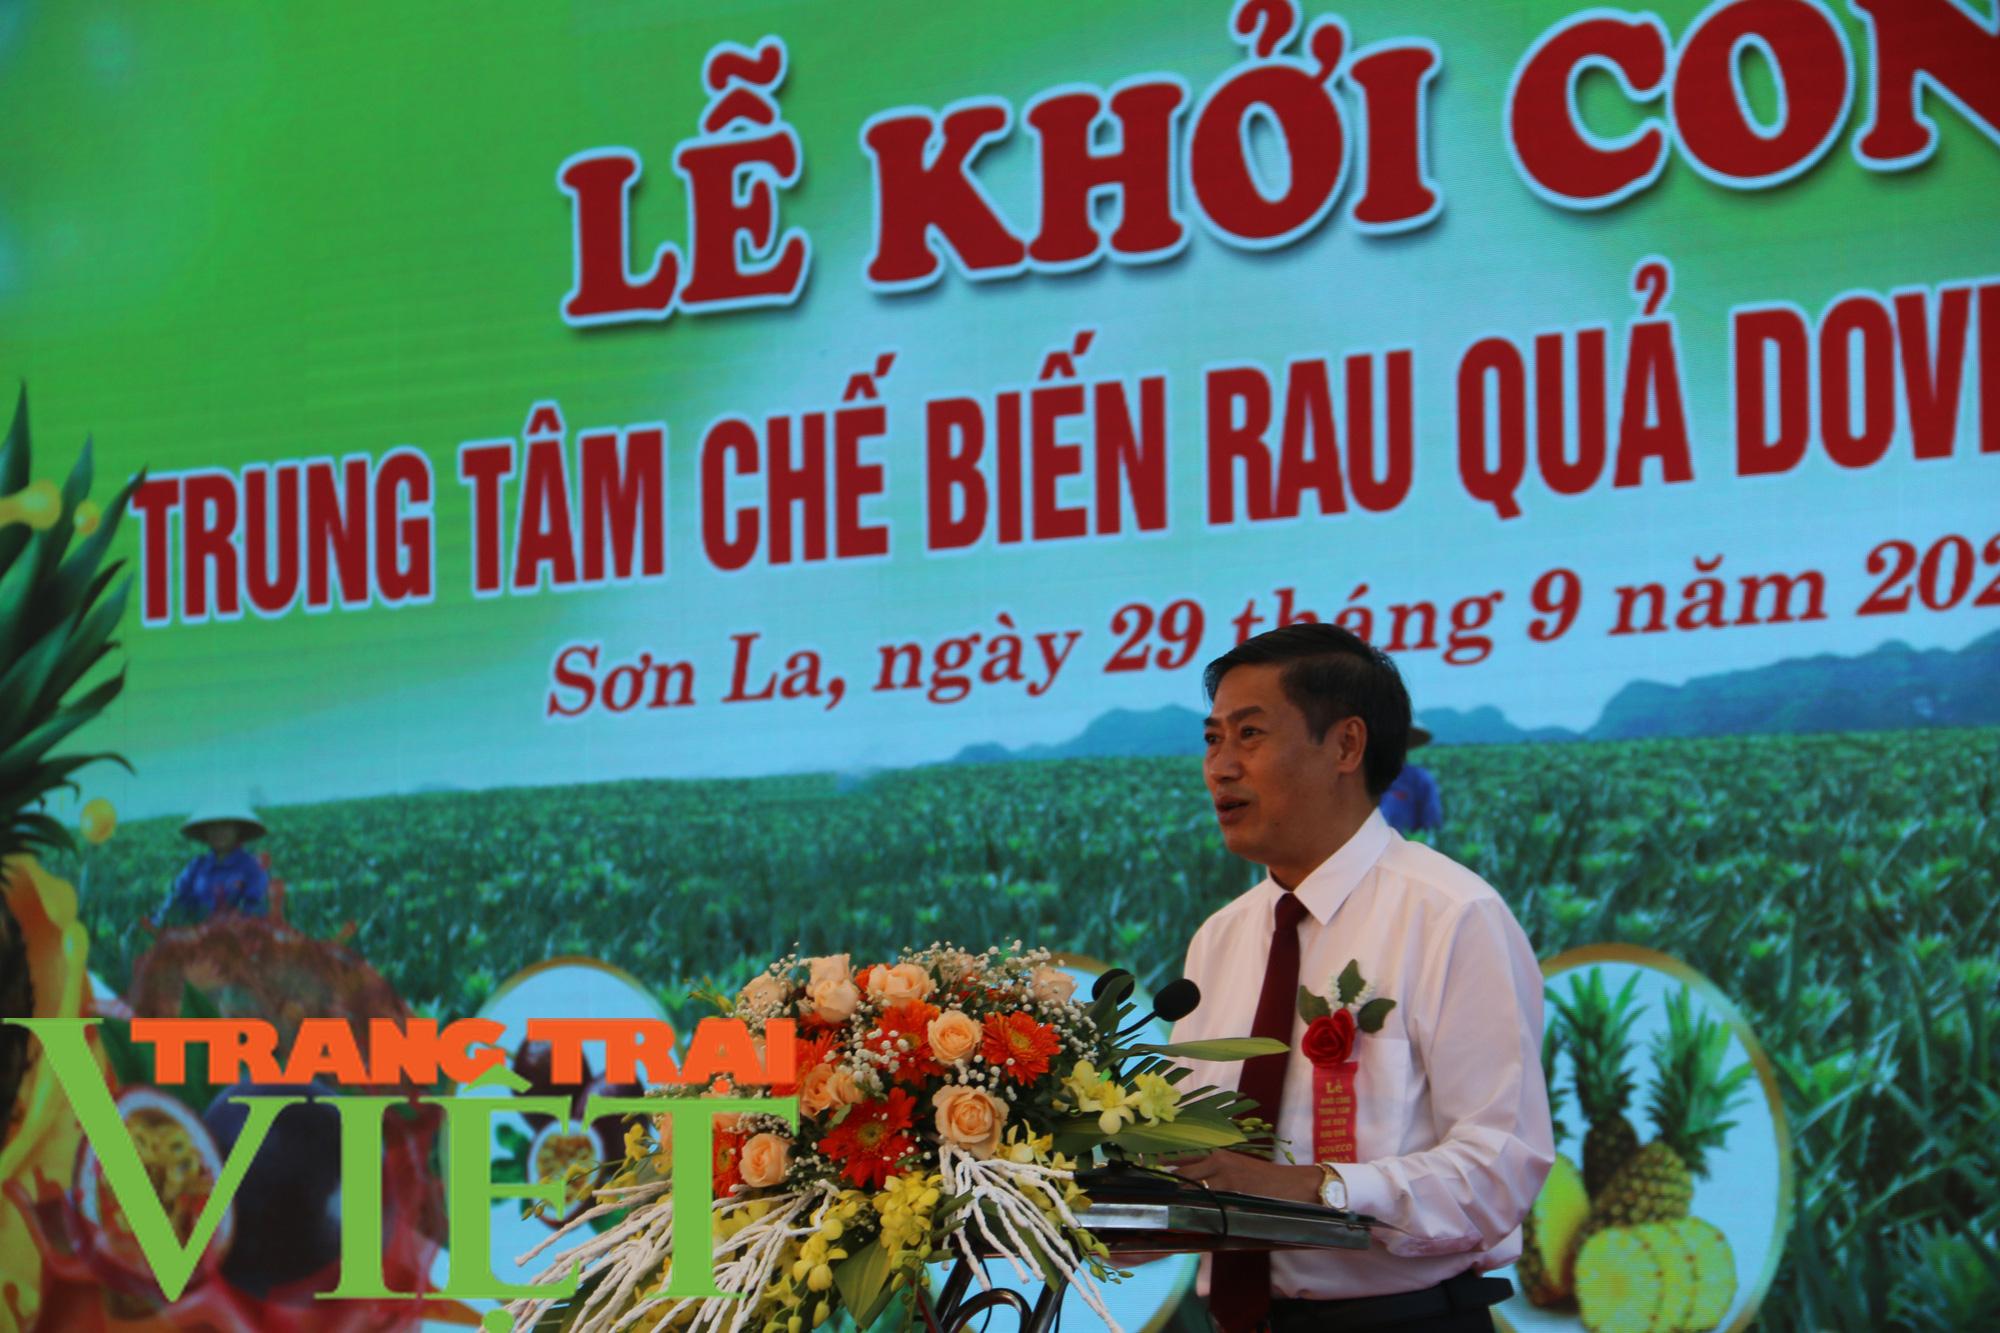 Sơn La: Xây dựng trung tâm chế biến rau, quả tại huyện Mai Sơn - Ảnh 3.